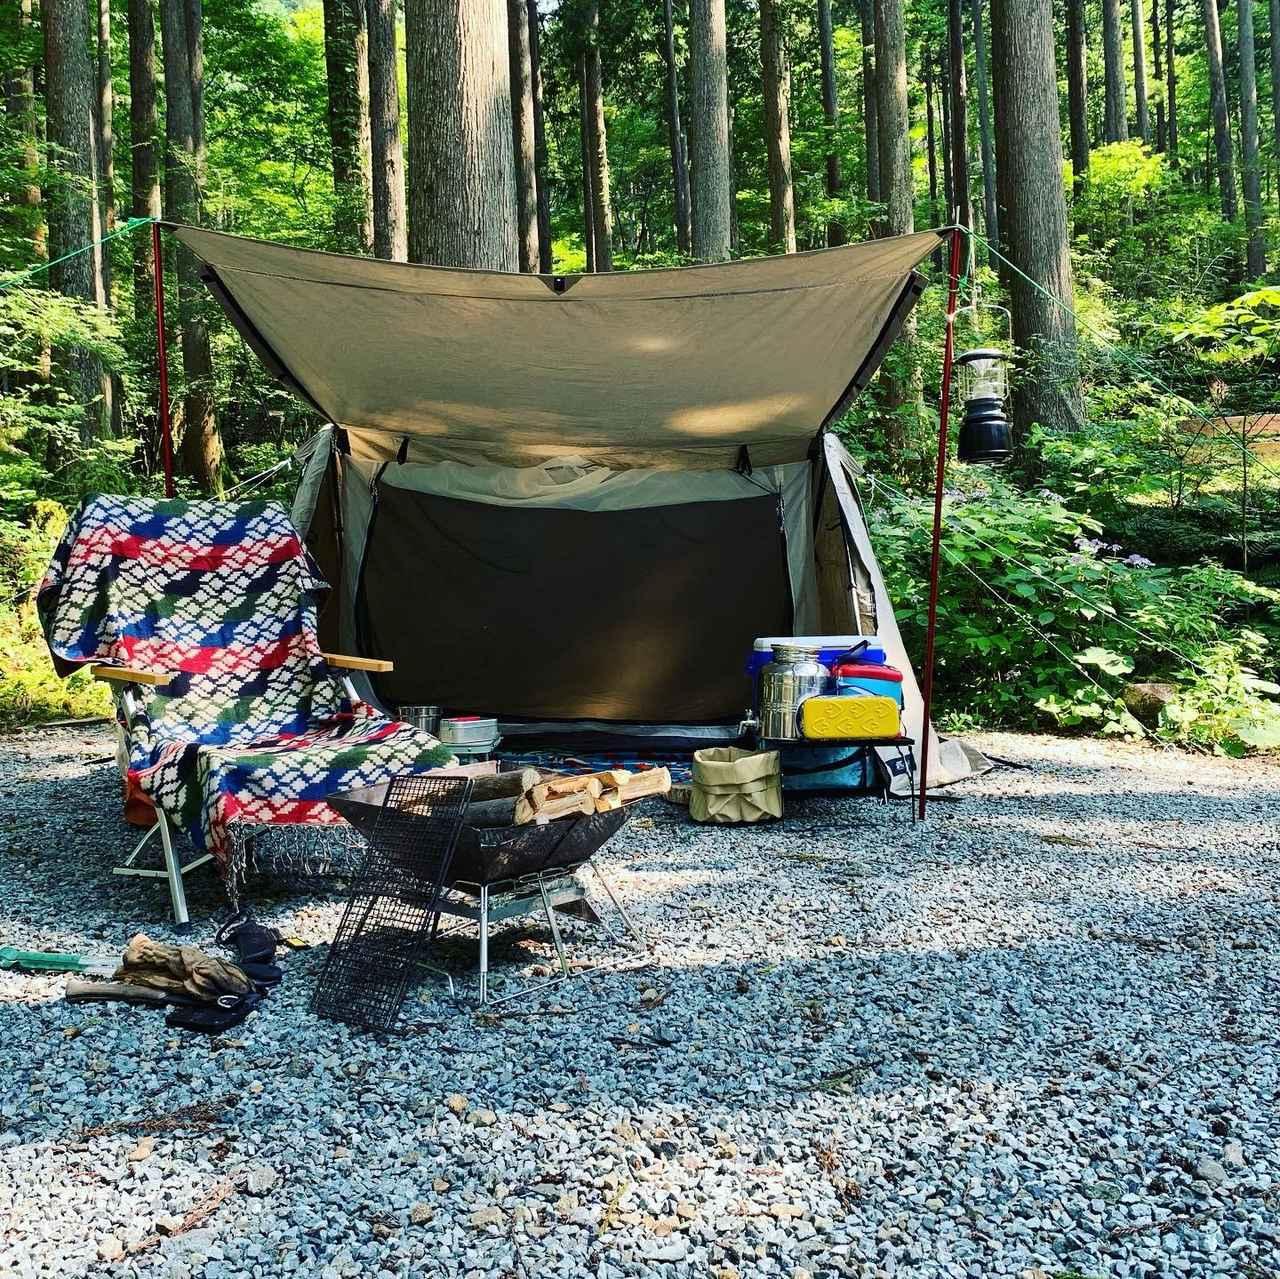 画像: 【ソロキャンプの道具リスト】車で行く場合の持ち物一覧&初心者におすすめな愛用キャンプ道具を紹介! - ハピキャン(HAPPY CAMPER)